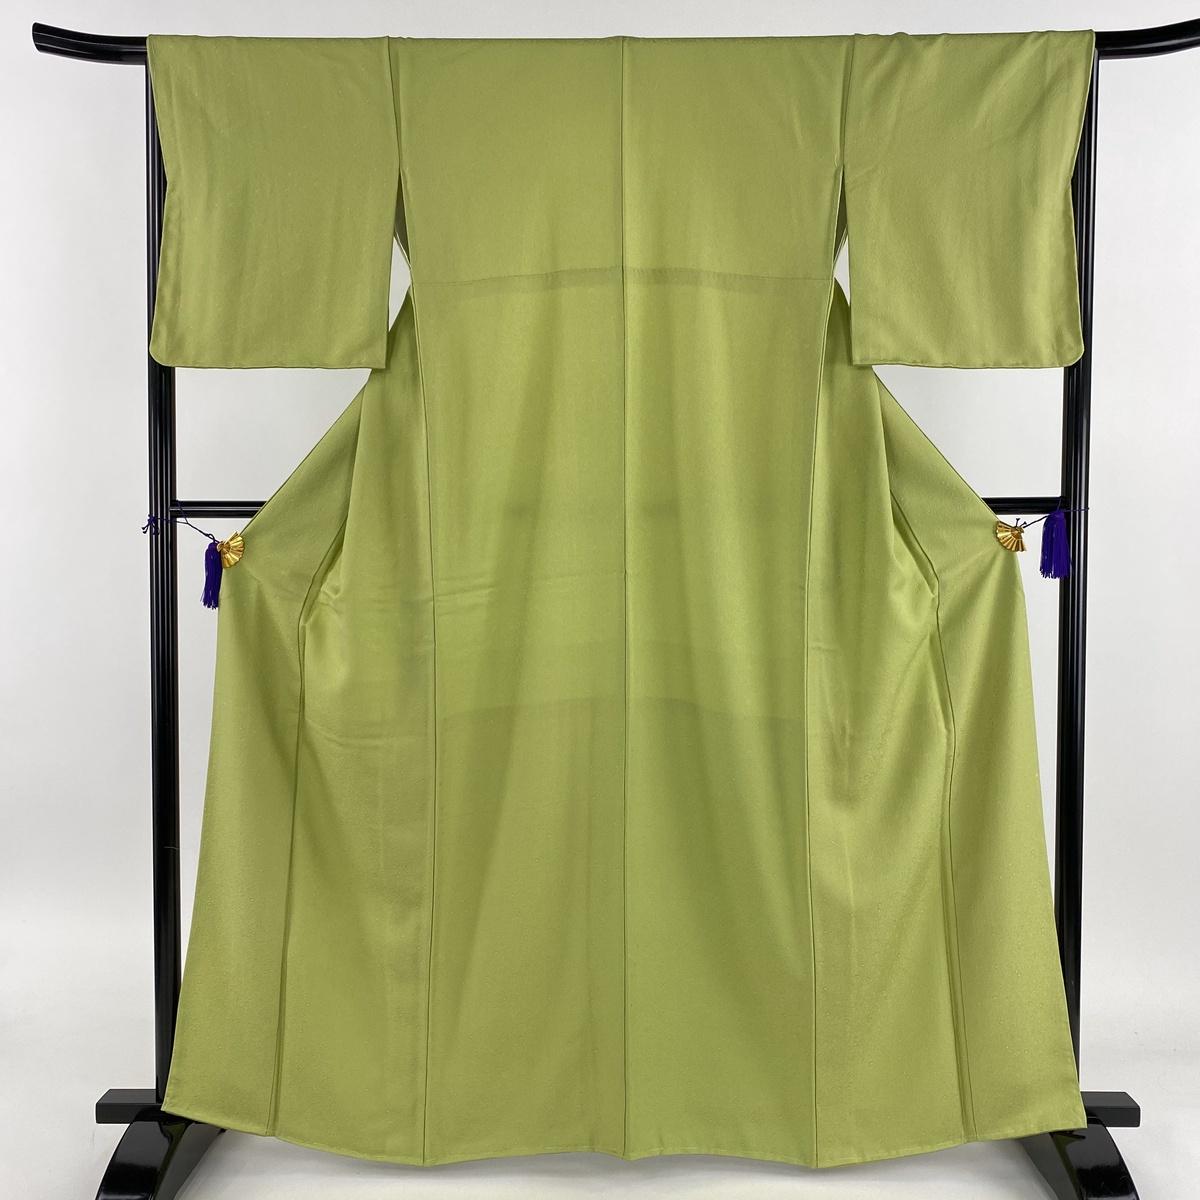 色無地 名品 地紋 黄緑色 袷 身丈163cm 裄丈66.5cm M 正絹 【中古】